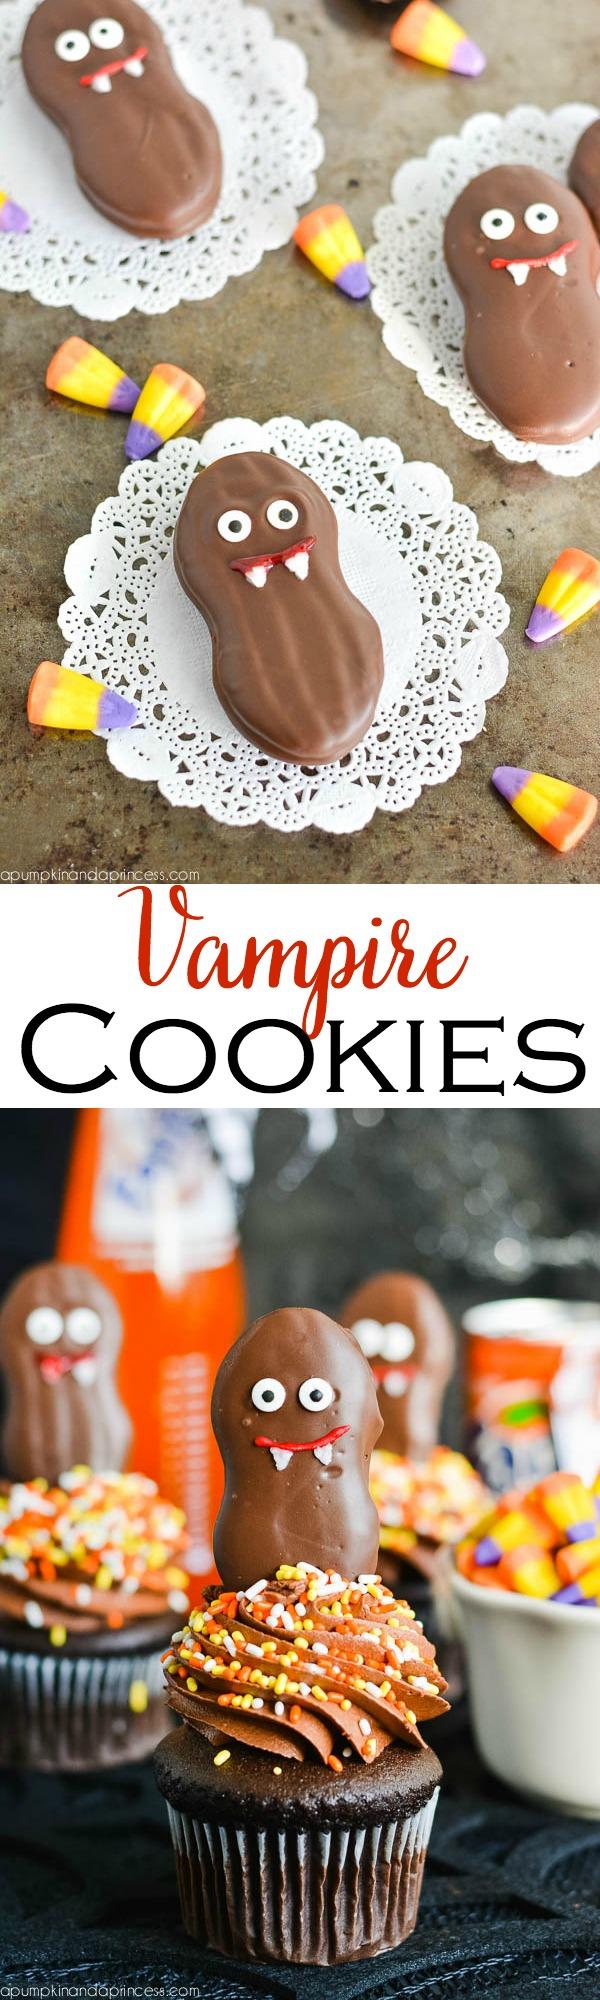 Nutter Butter Vampire Cookies